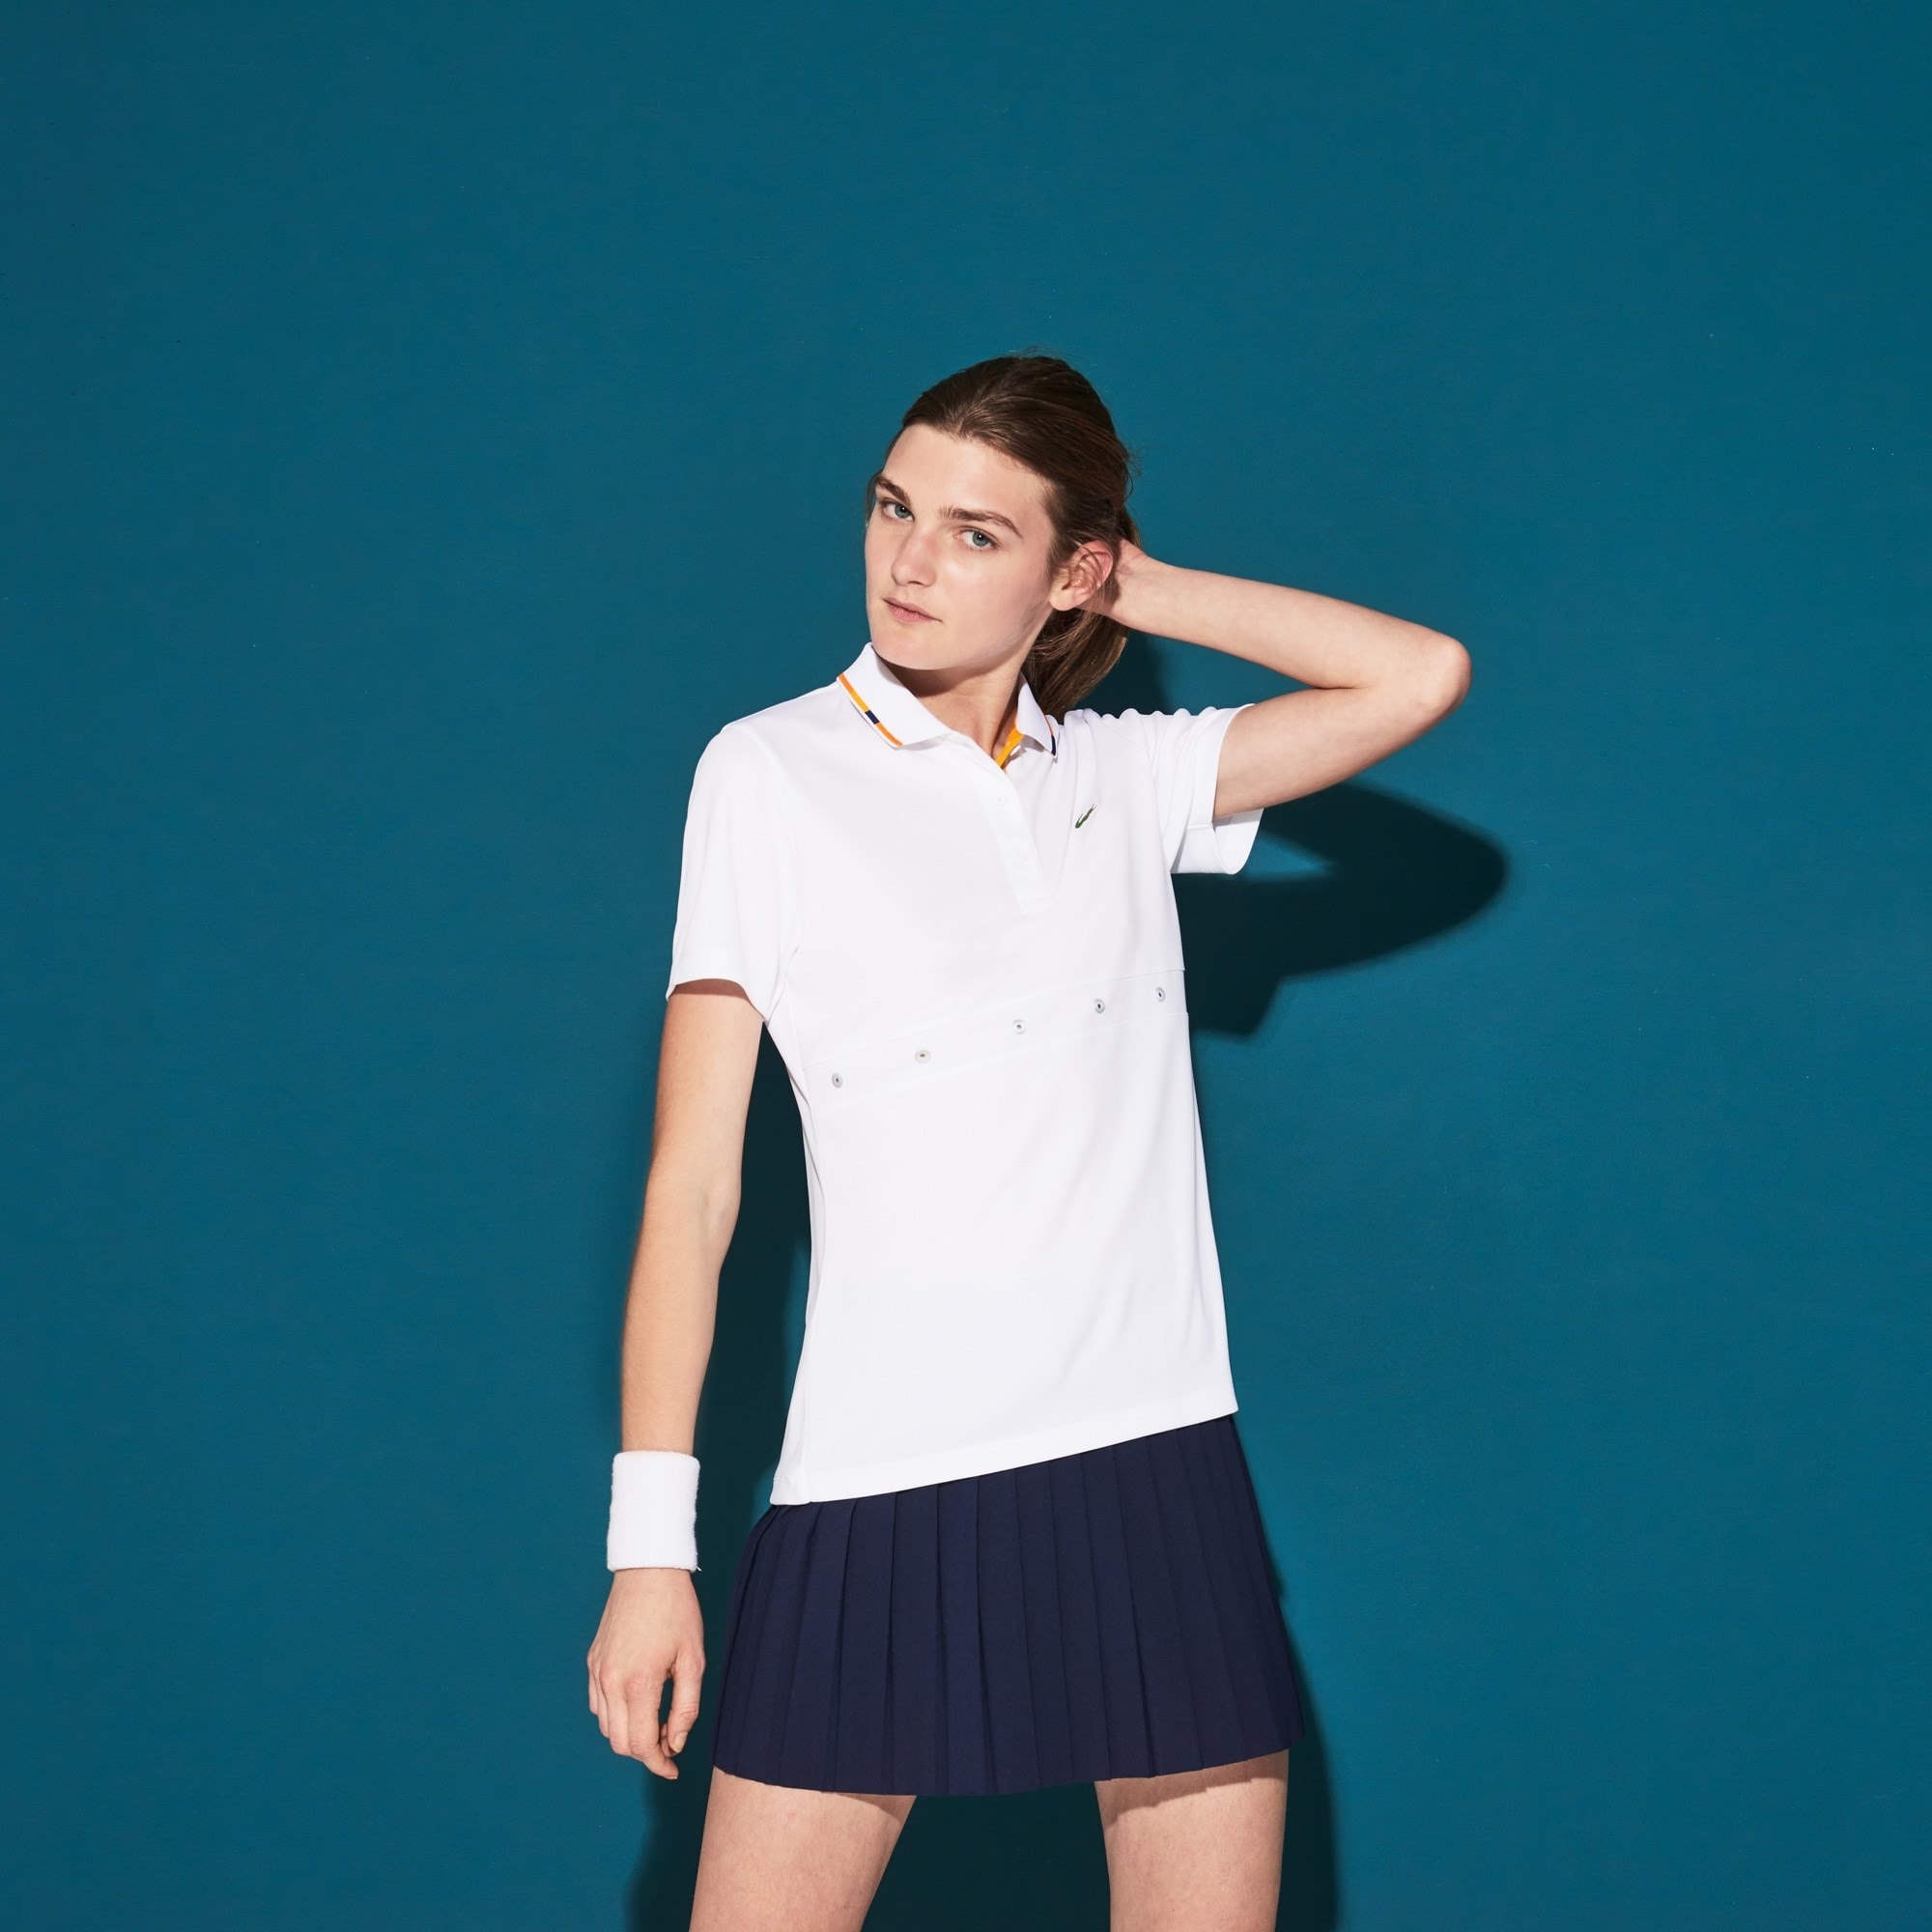 Women's Lacoste SPORT Contrast Collar Tech Piqué Tennis Polo